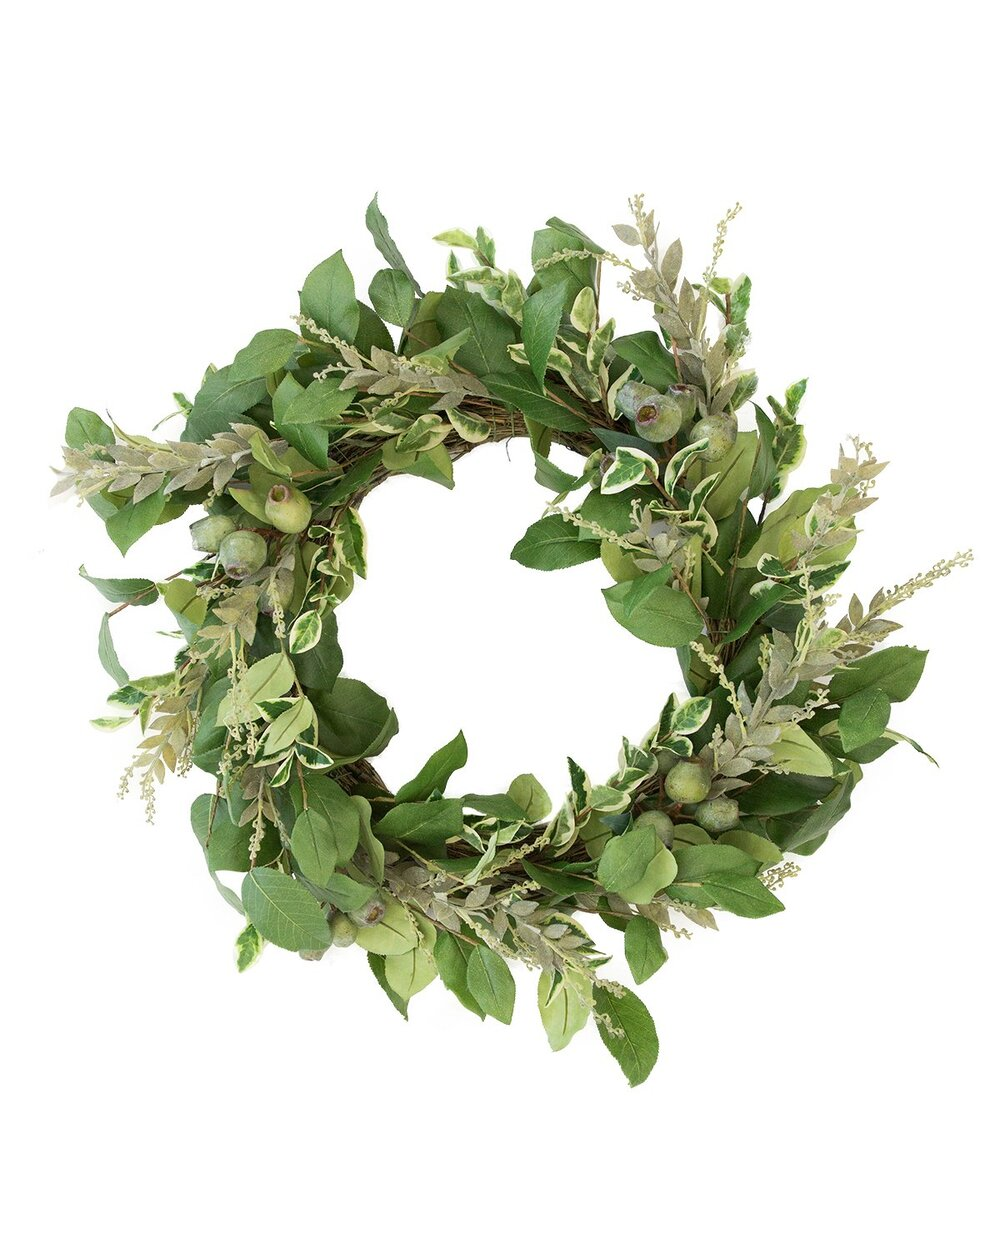 faux_mixed_greens_wreath1.jpg